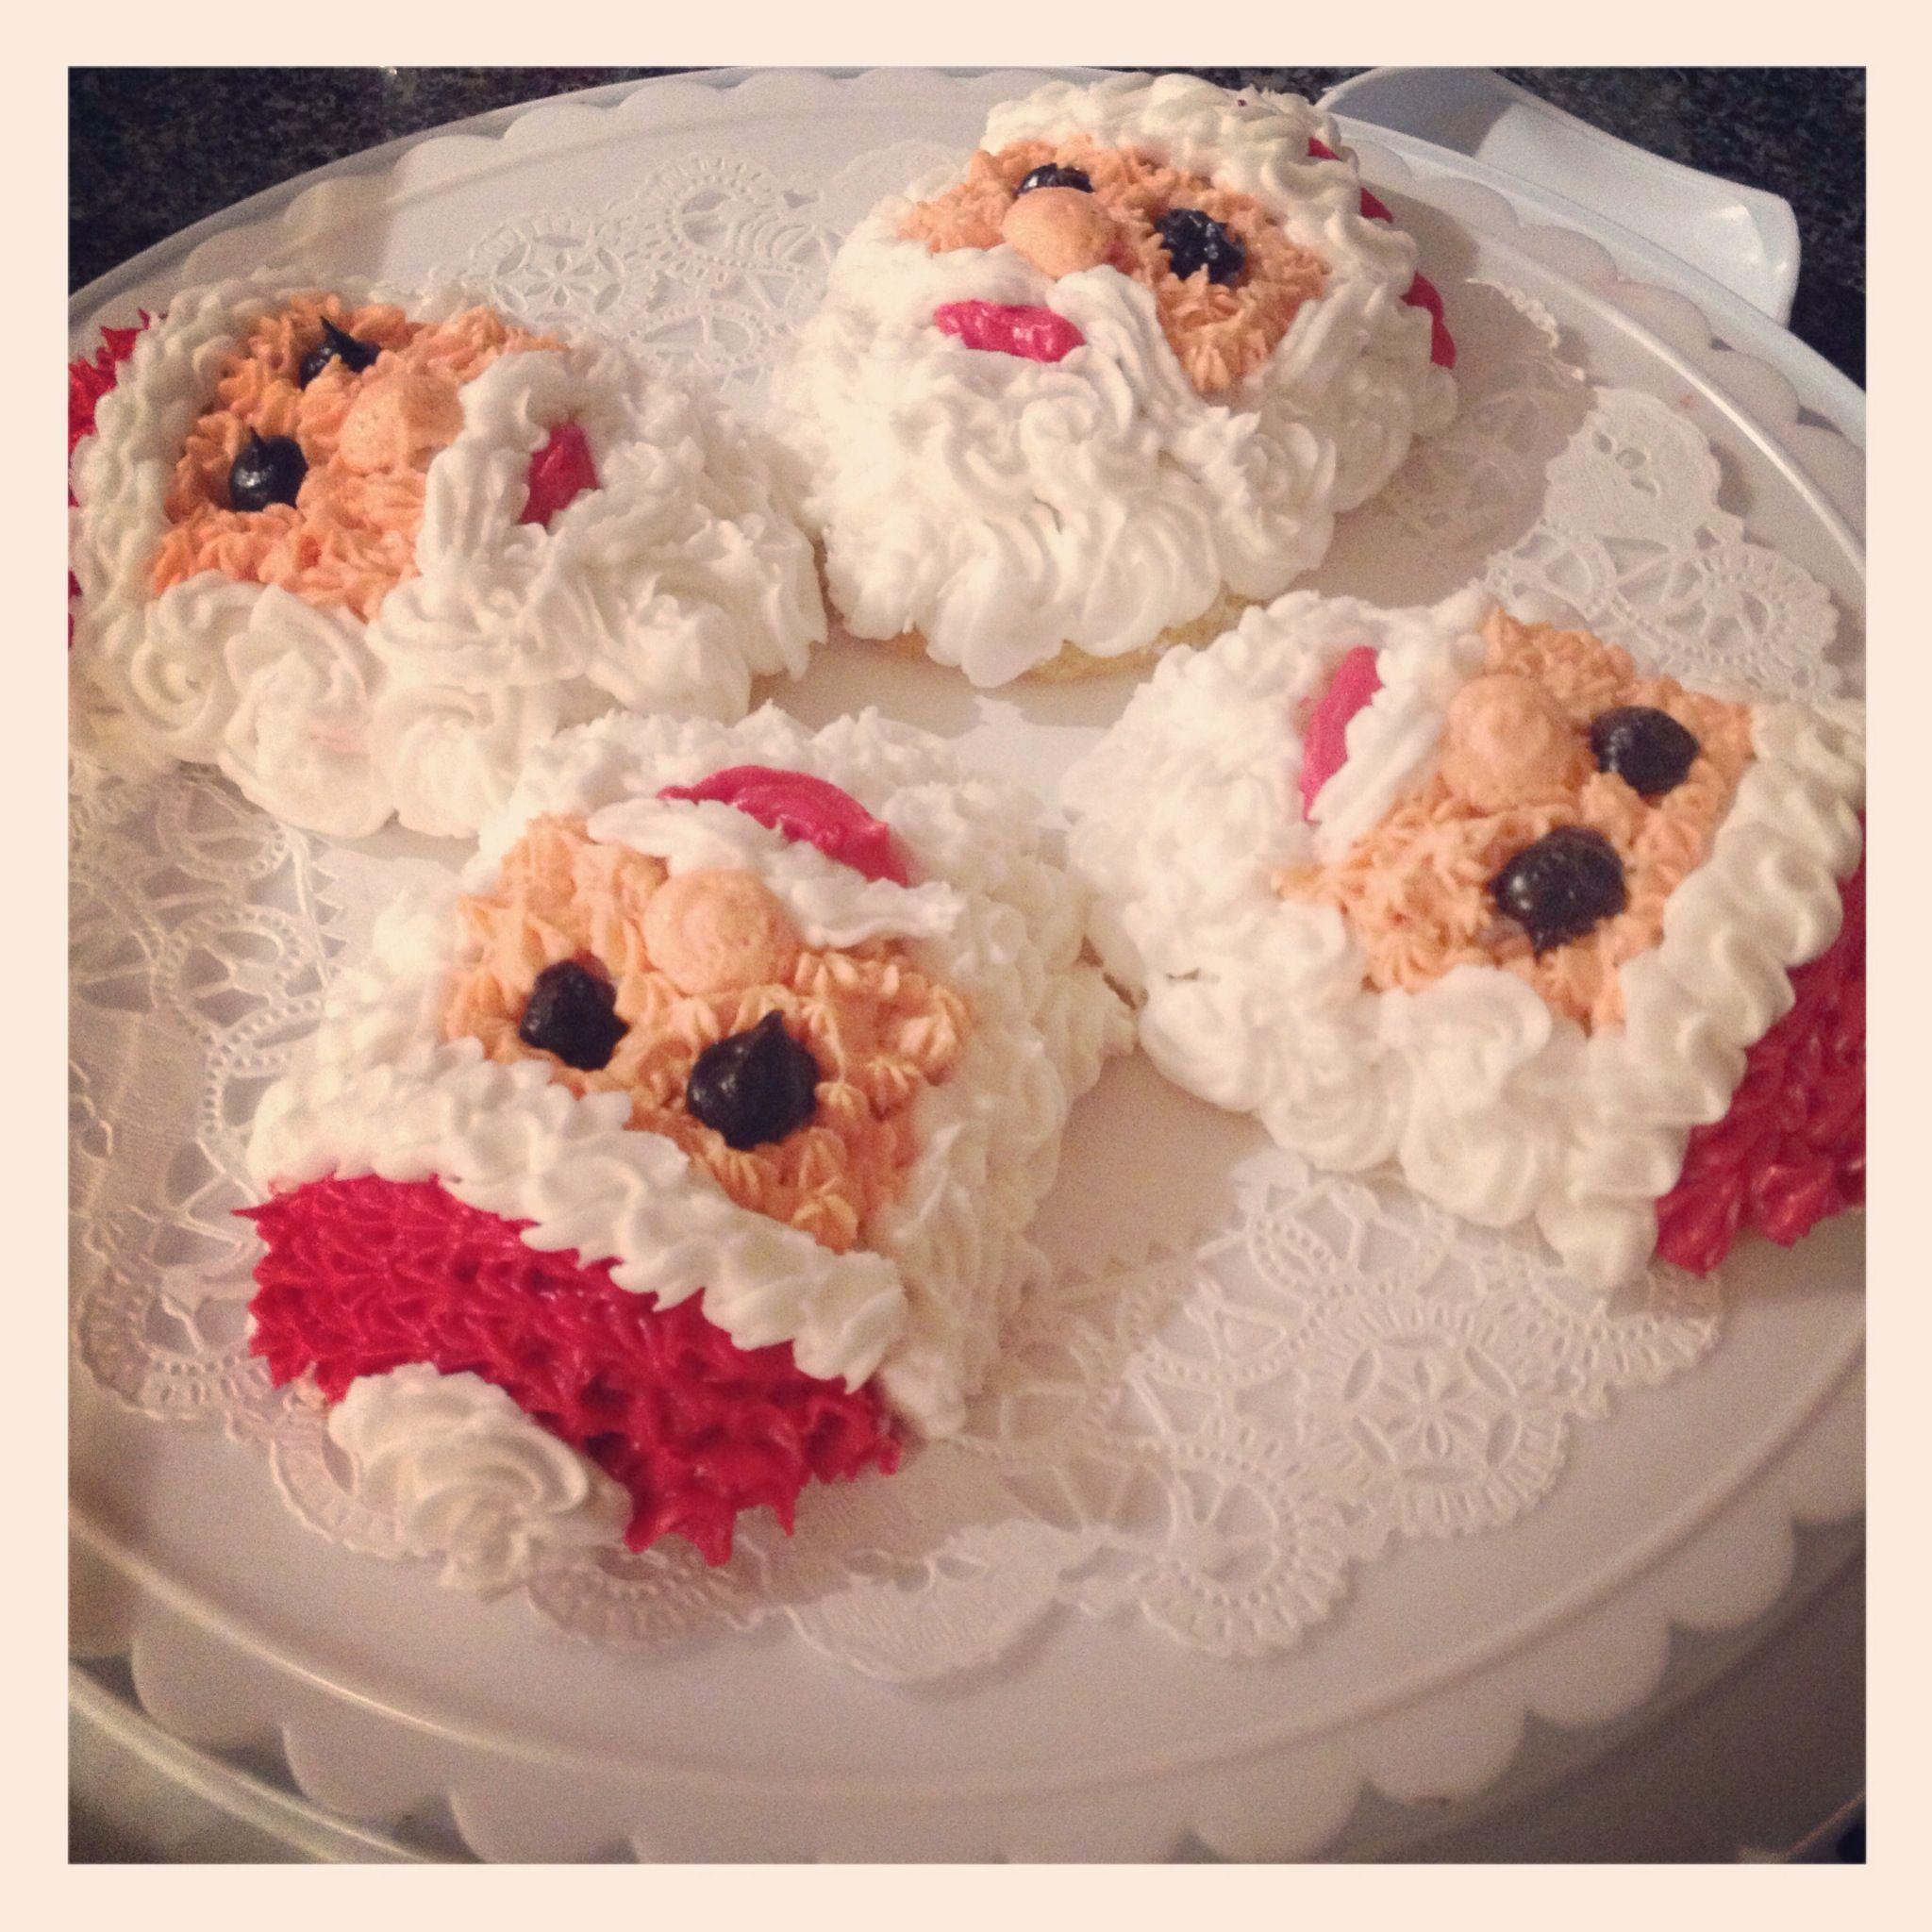 """Individual Santa cakes to sing """"happy birthday Jesus"""